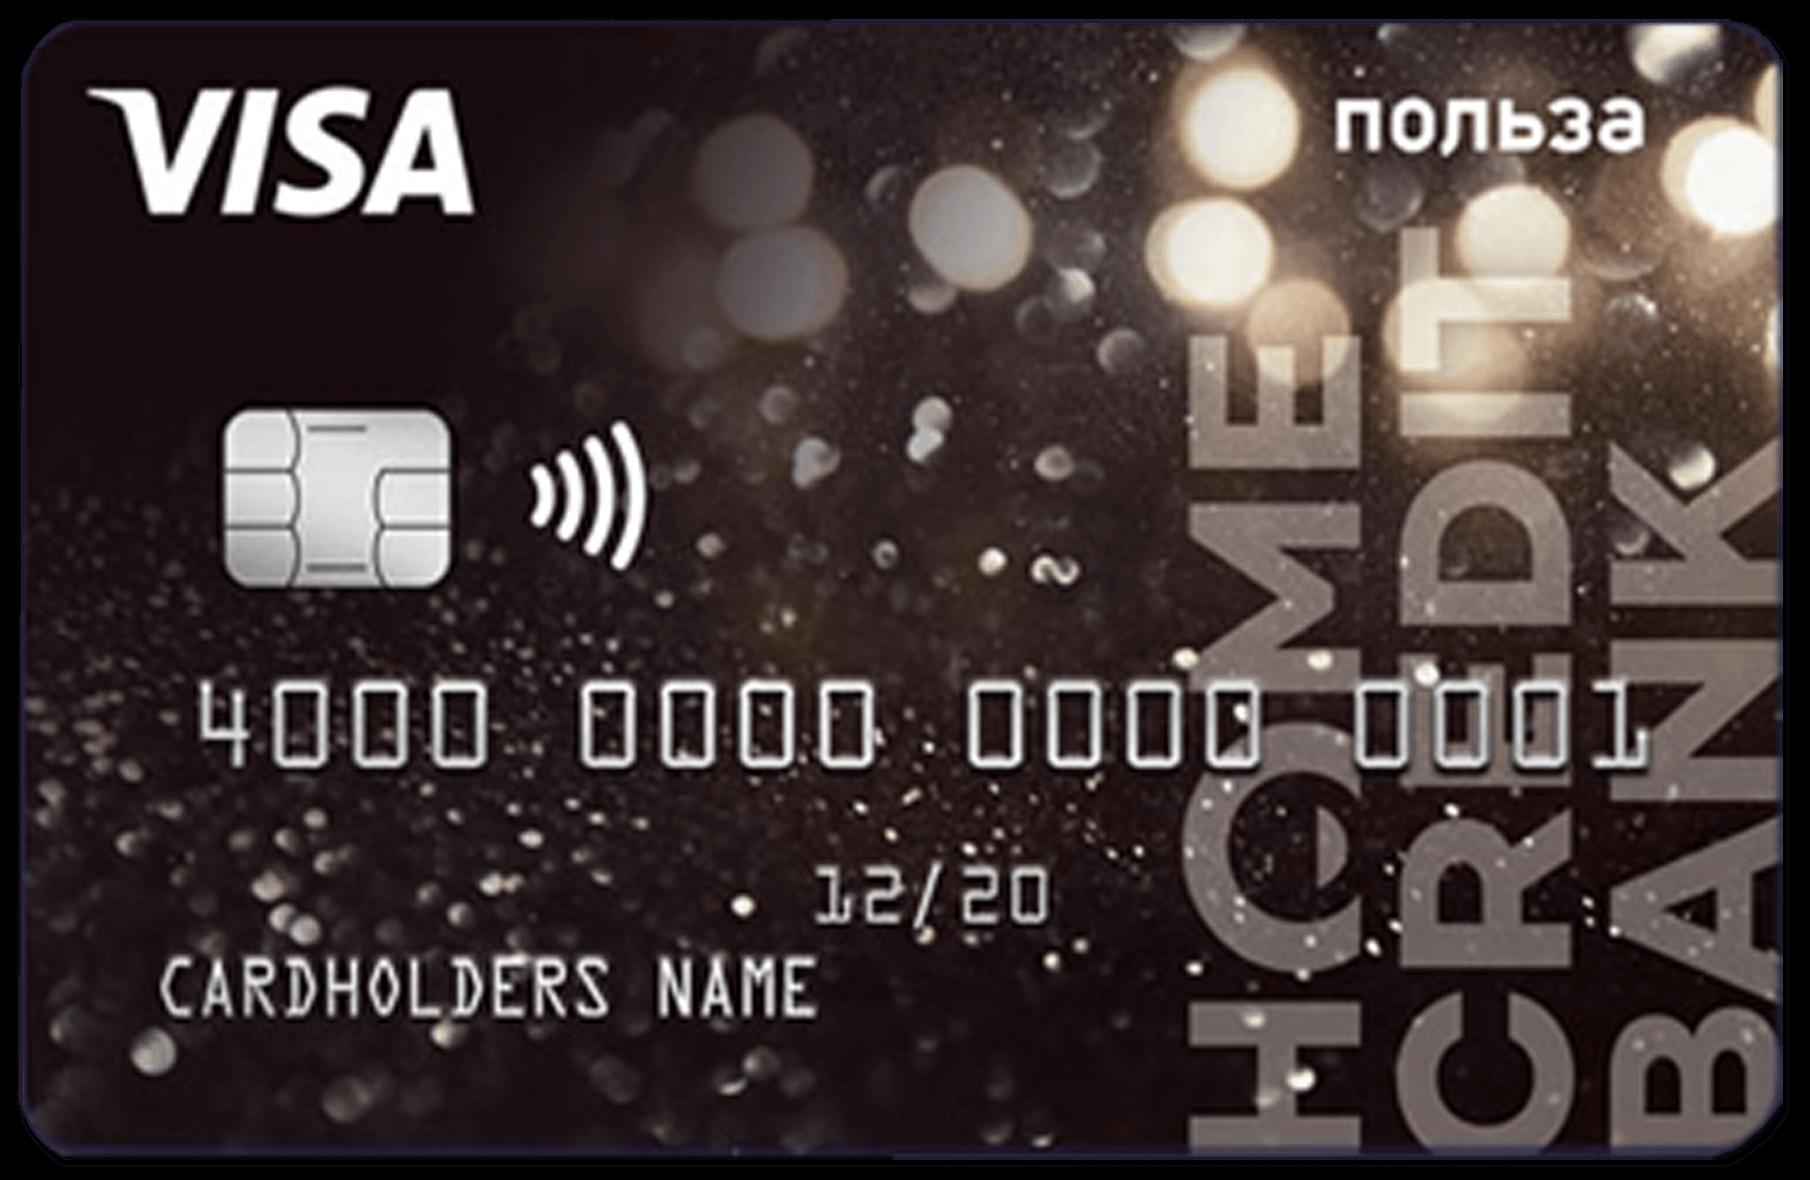 банк открытие кредитная карта 100 дней без процентов